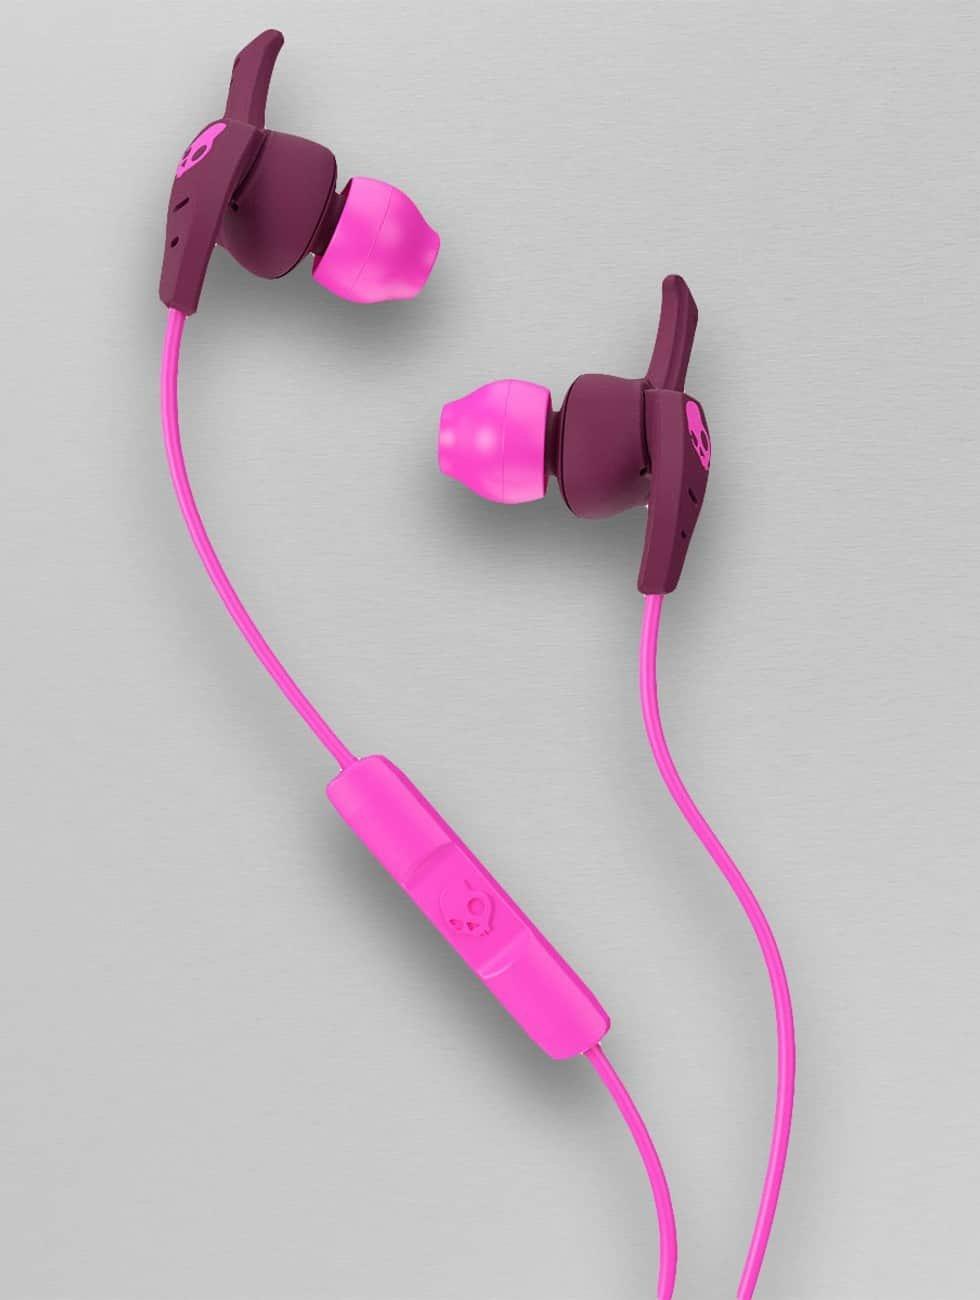 Skullcandy Sluchátka XT Plyo pink